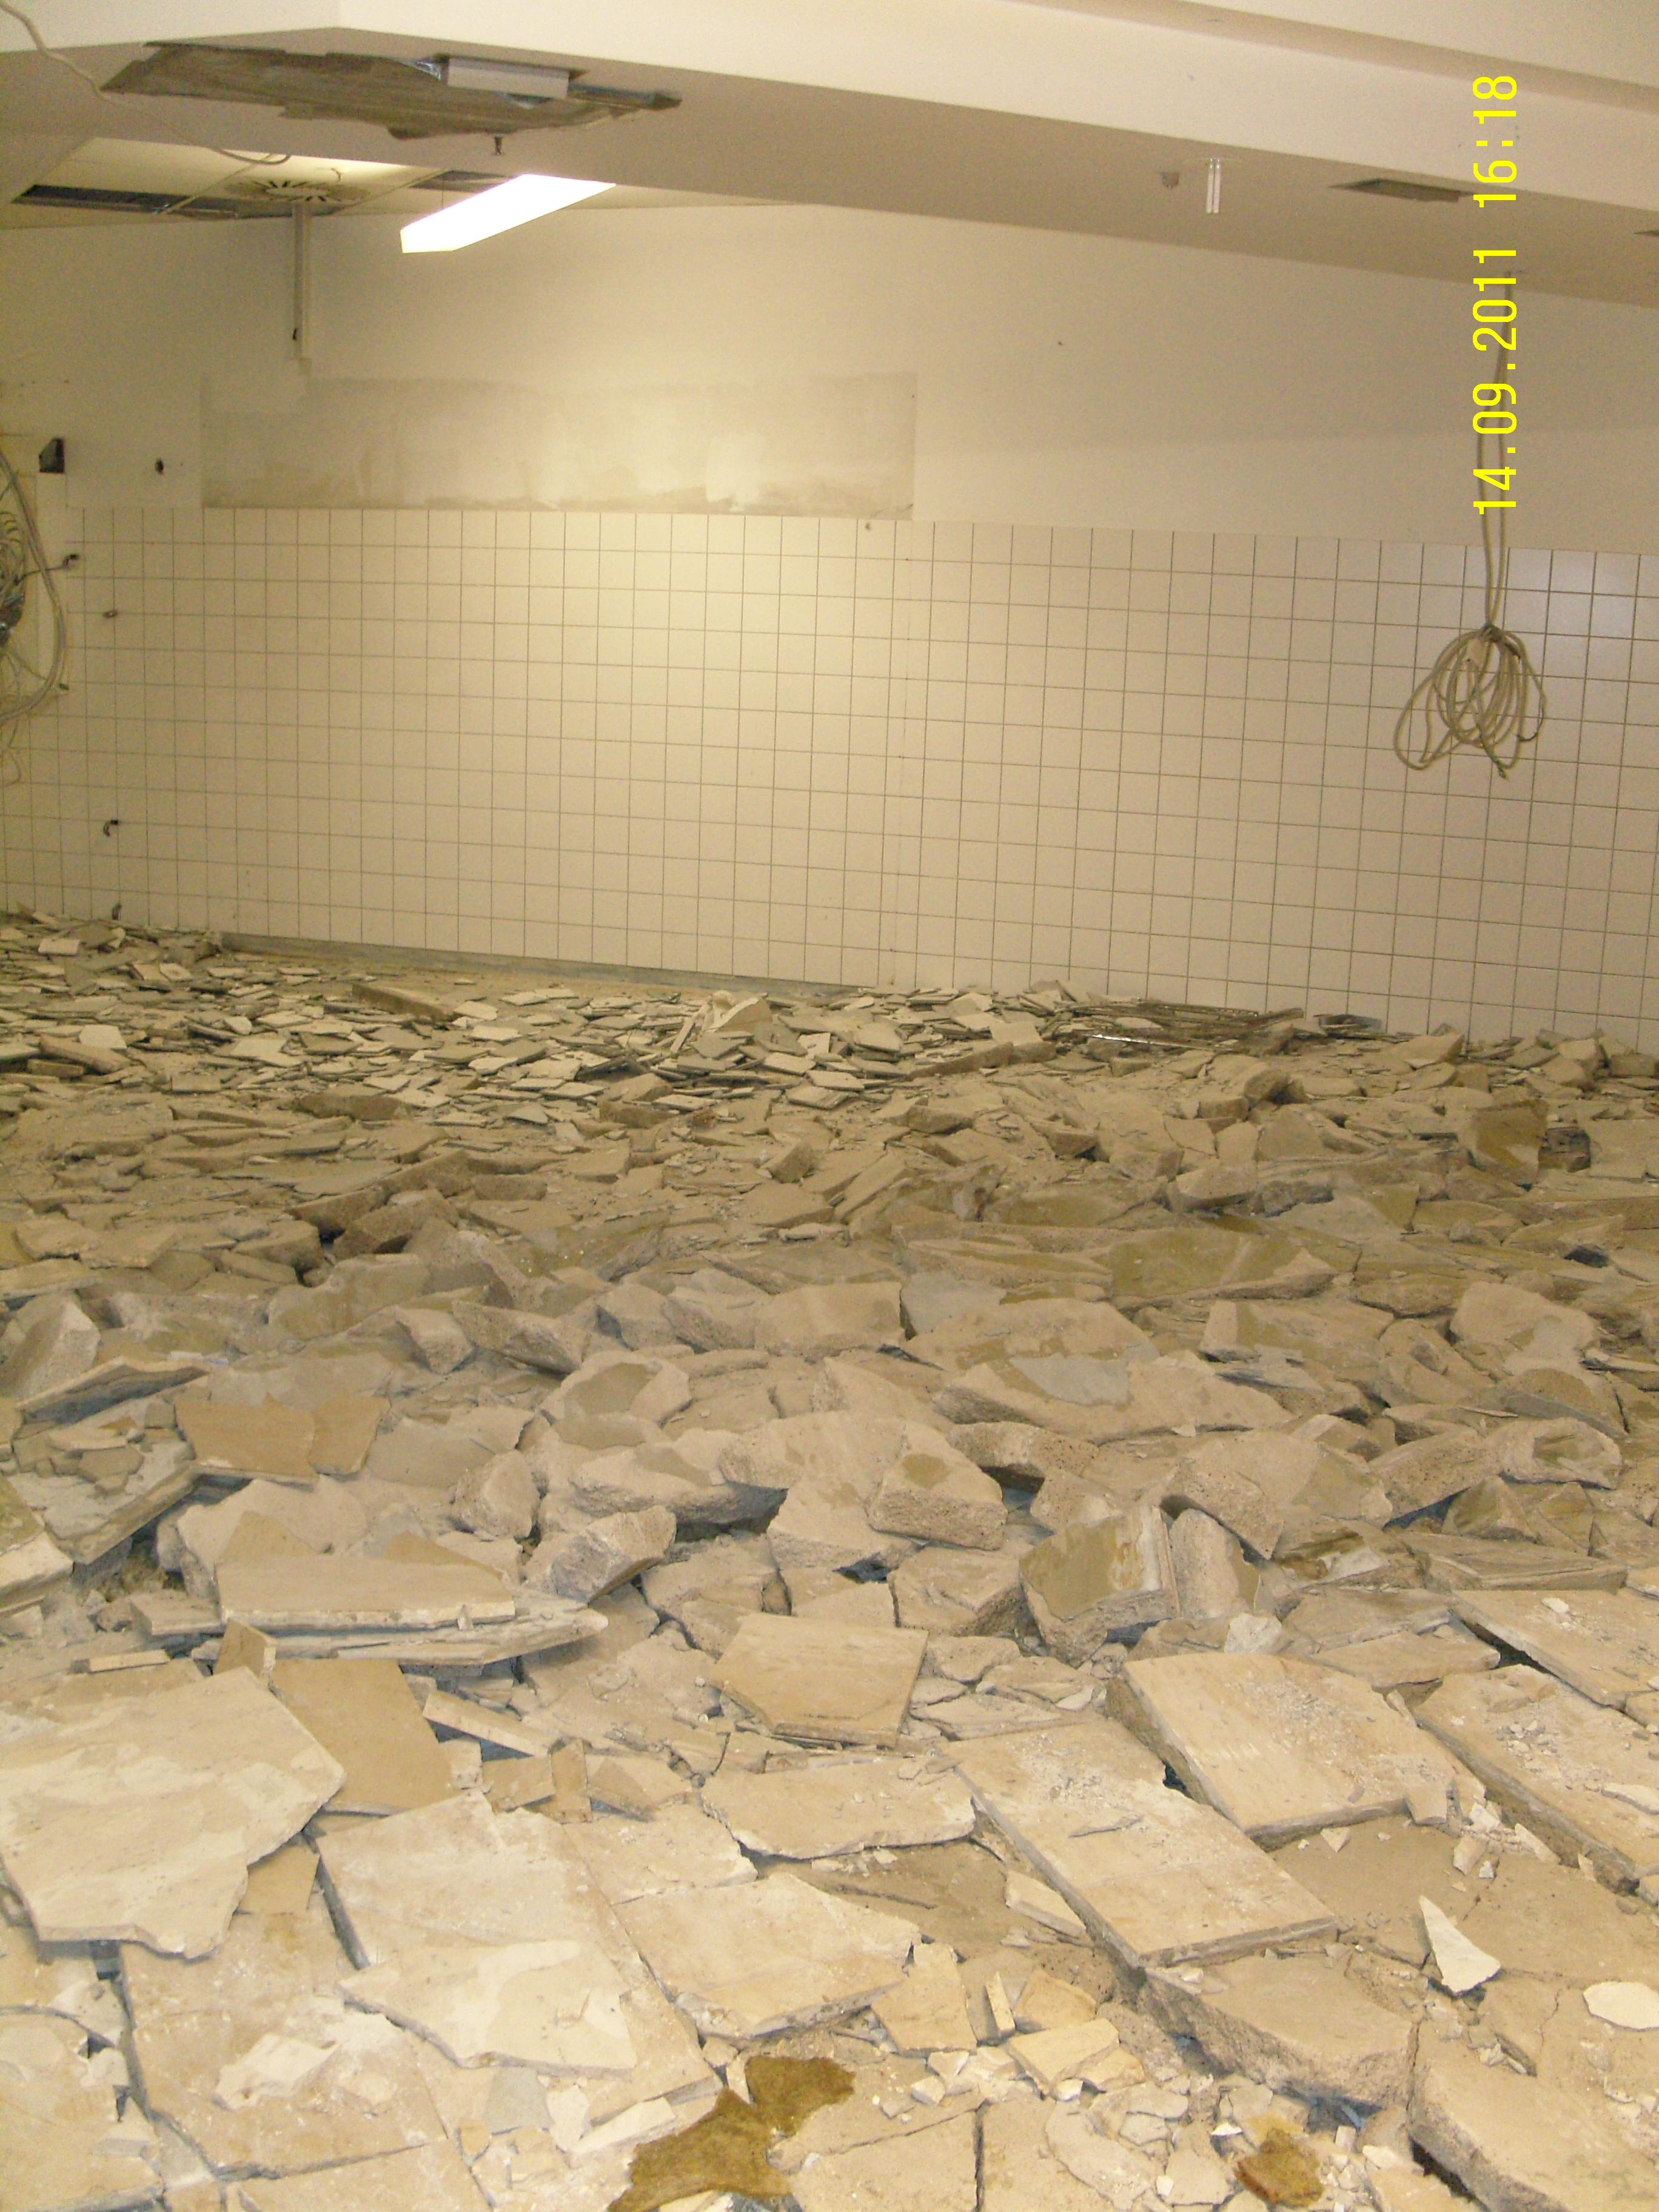 Der Estrichaufbau ist durchfeuchtet und muss zurückgebaut werden.